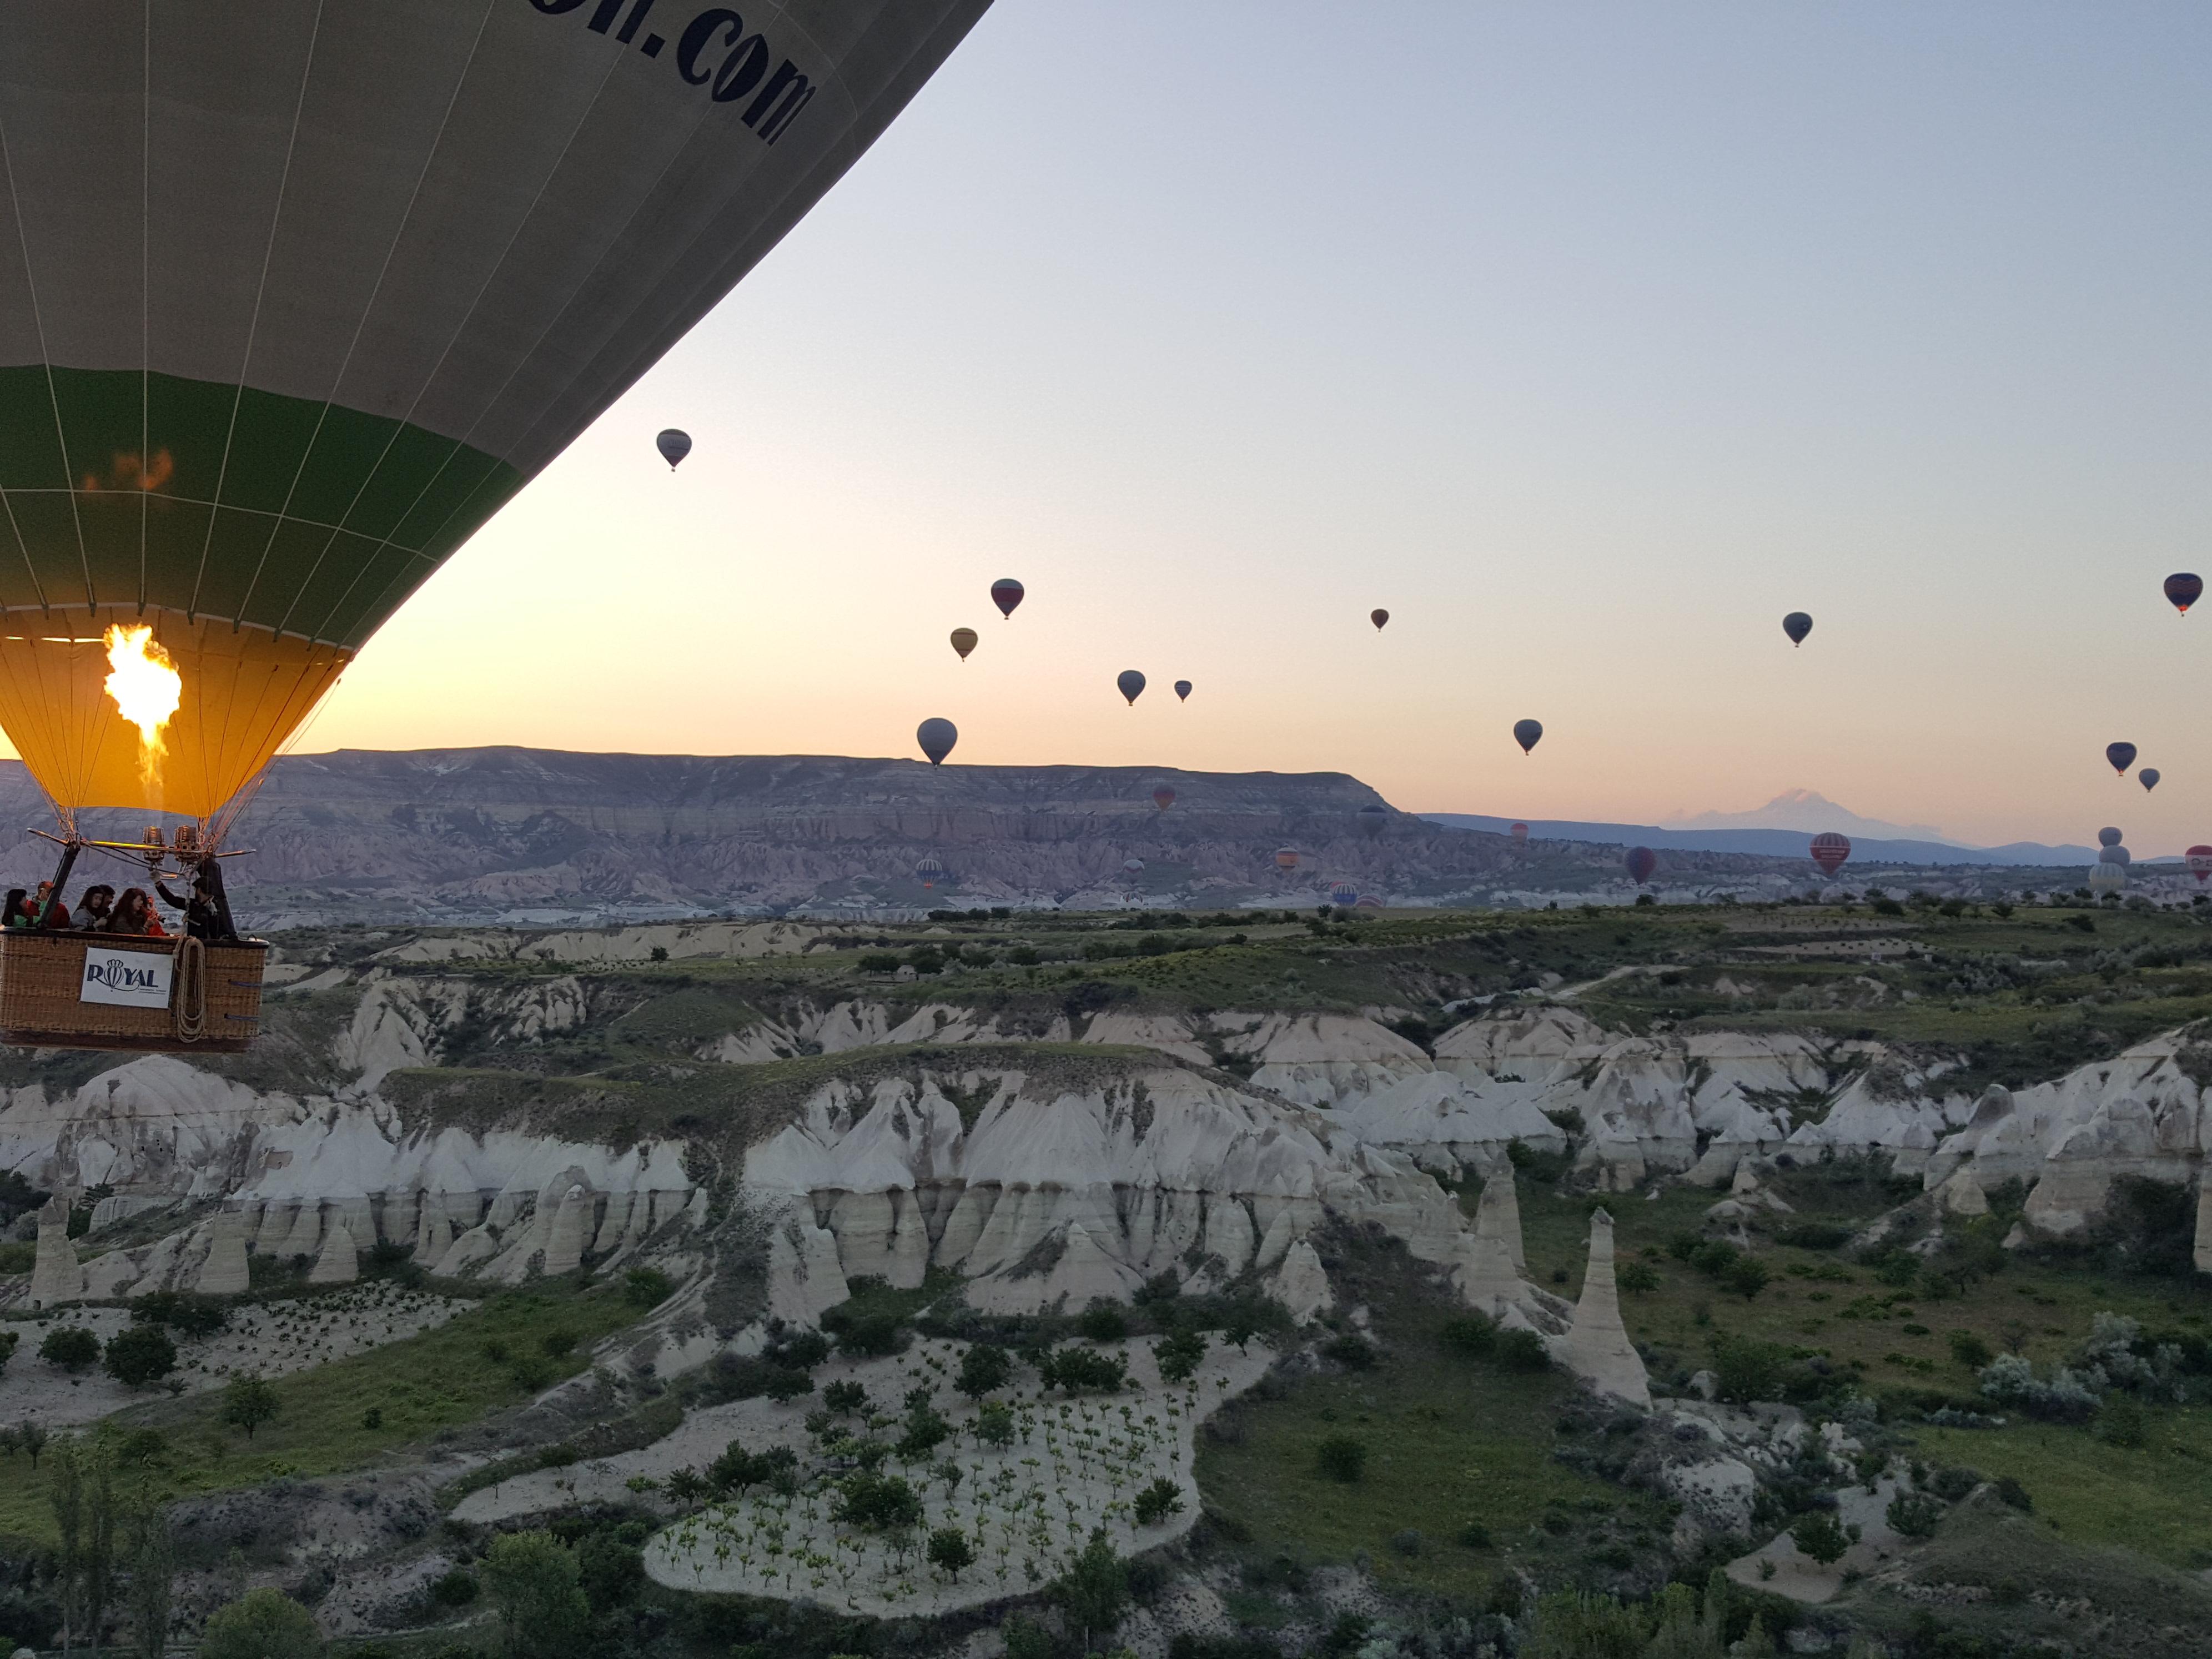 Cappadocia Turkey ballon ride